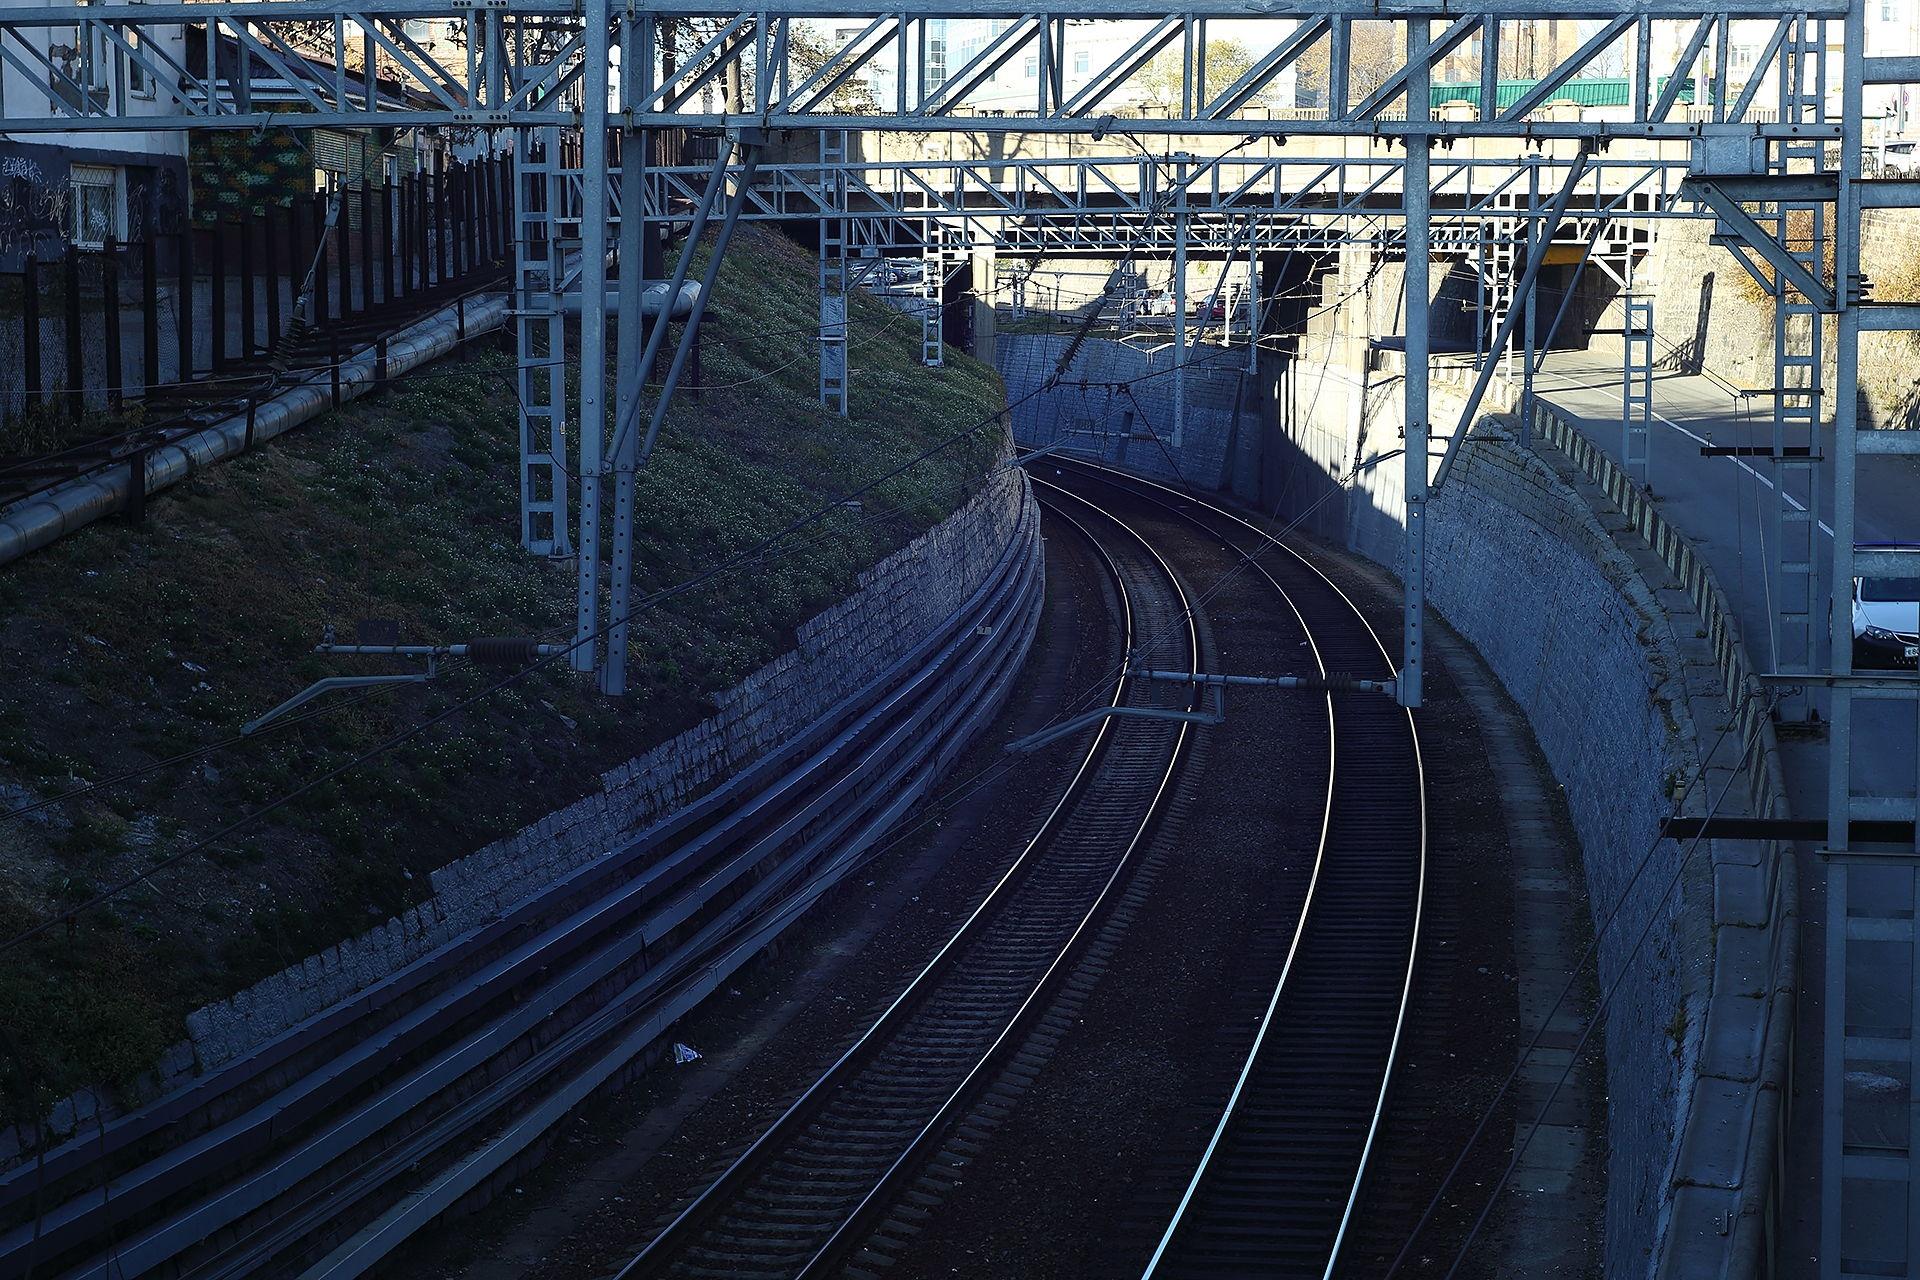 Владивосток, железная дорога под городом